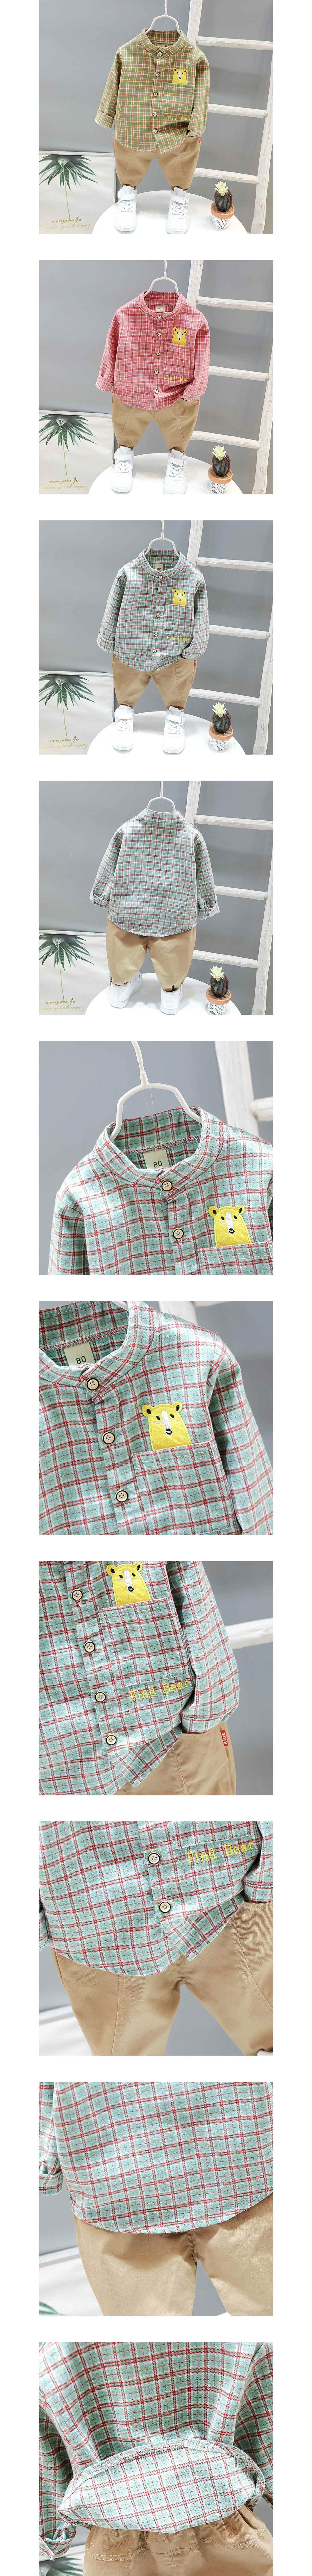 套裝.日系熊熊格子長袖襯衫兩件組.童裝